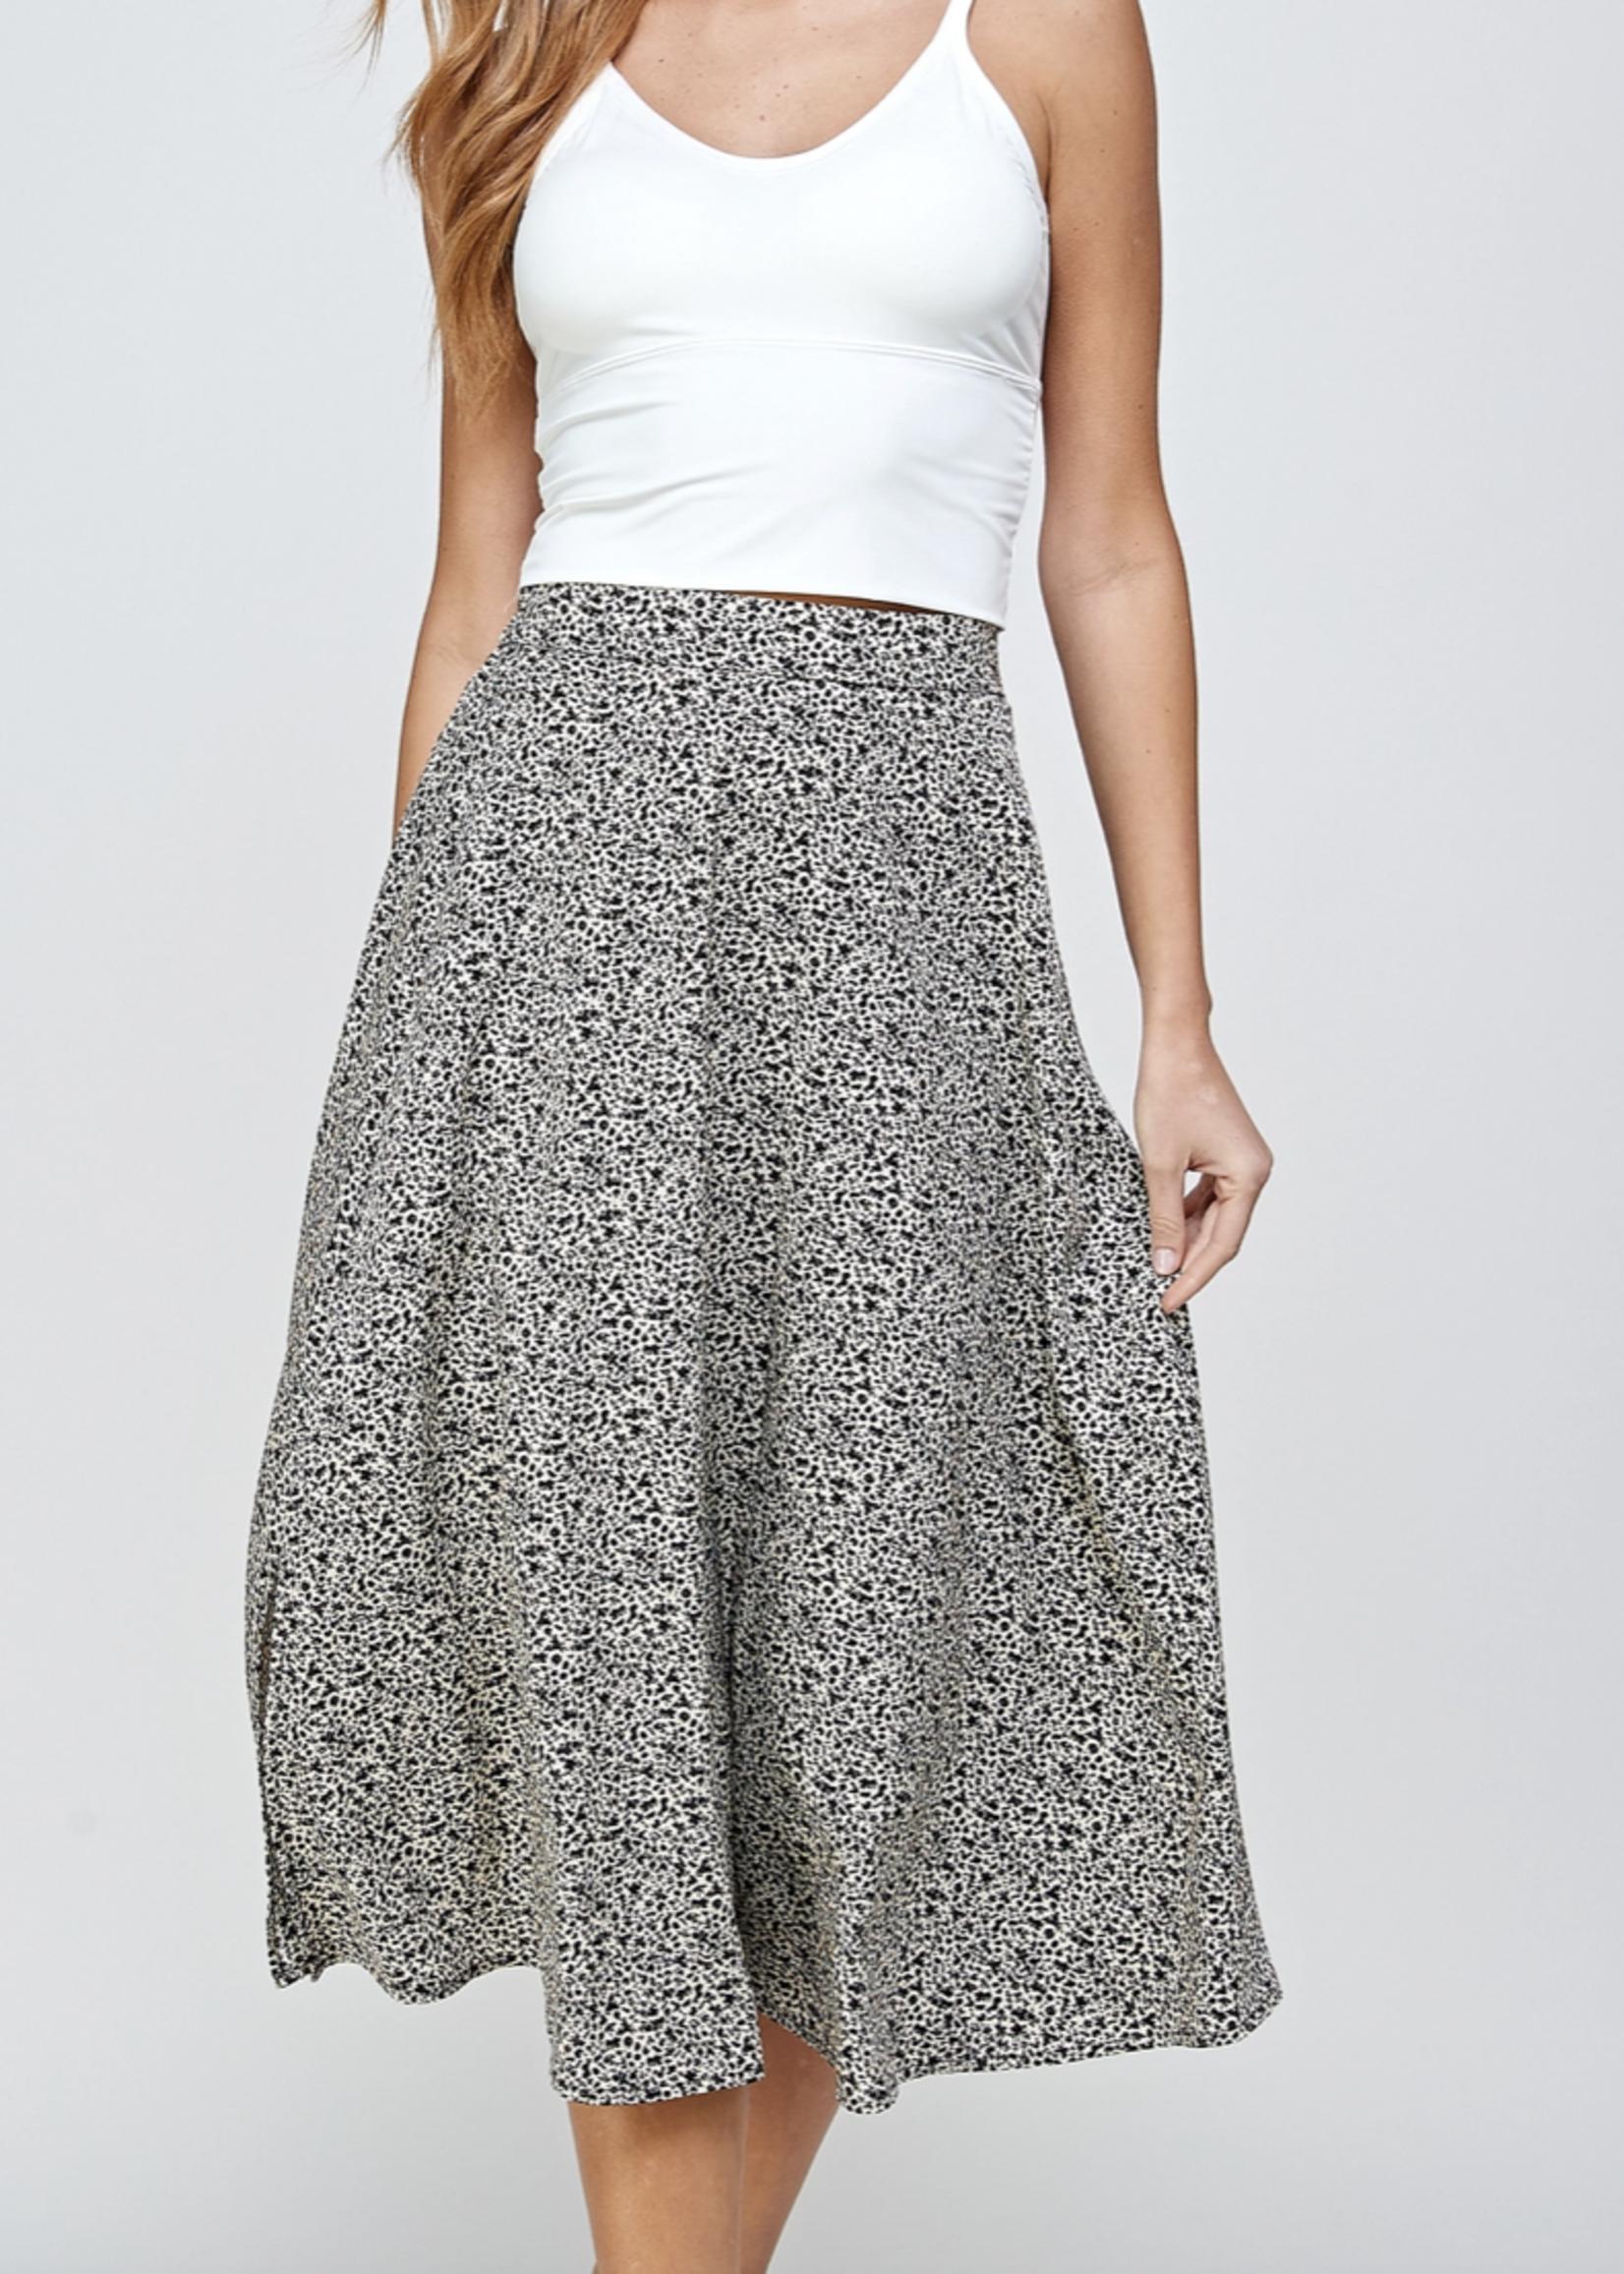 Ellison Midi Floral Skirt